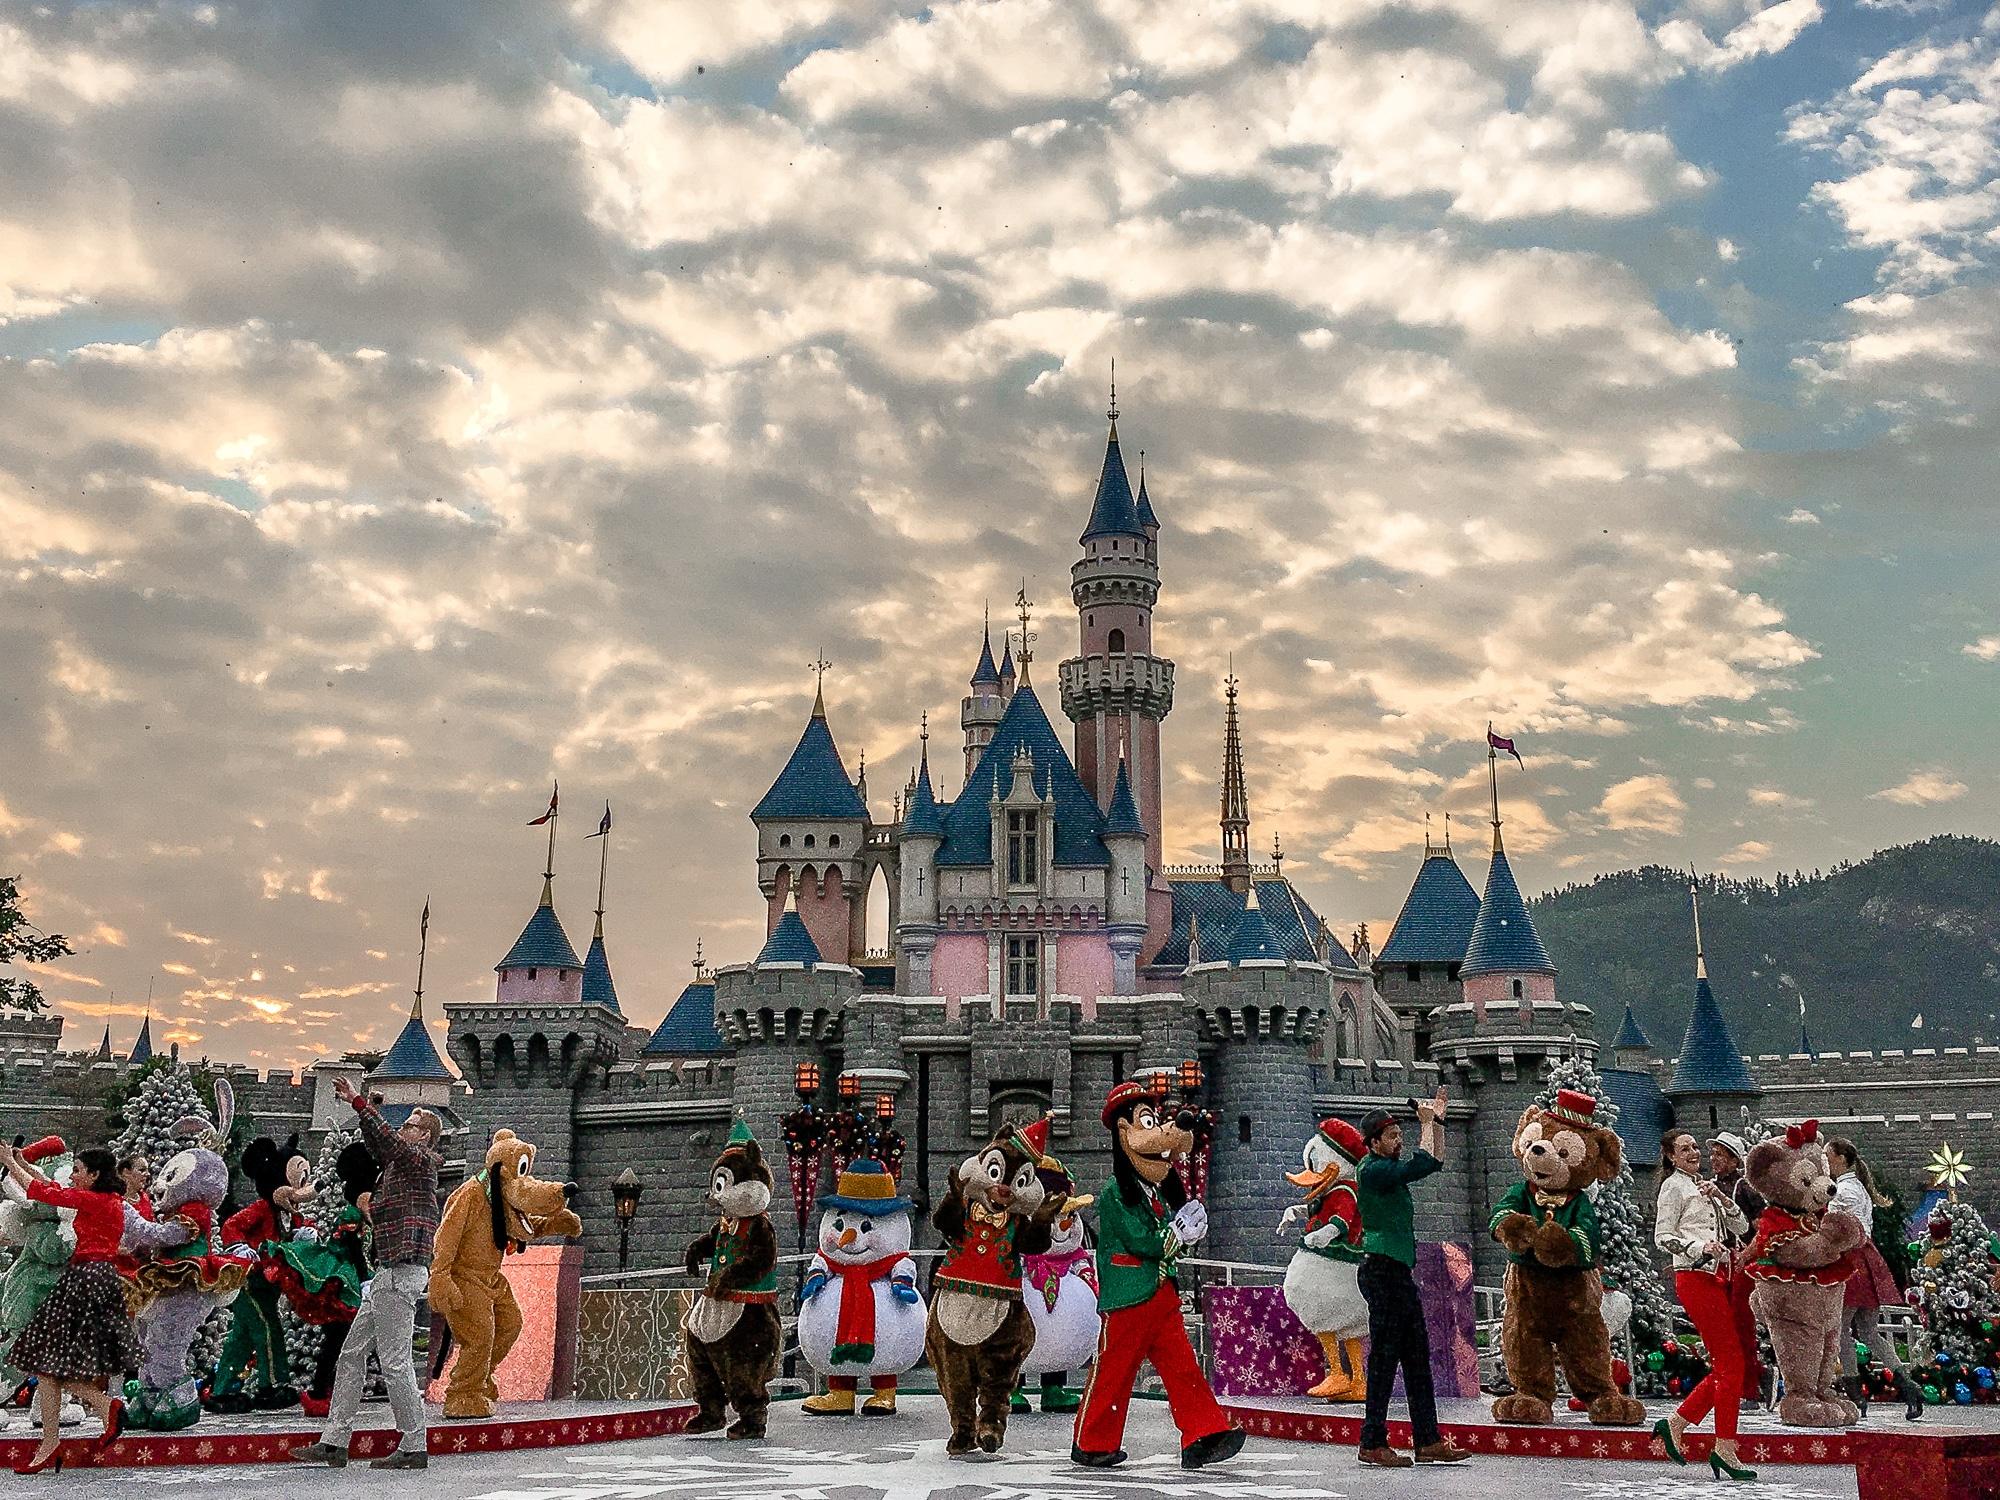 Disneyland Hongkong Christmas Ball Show